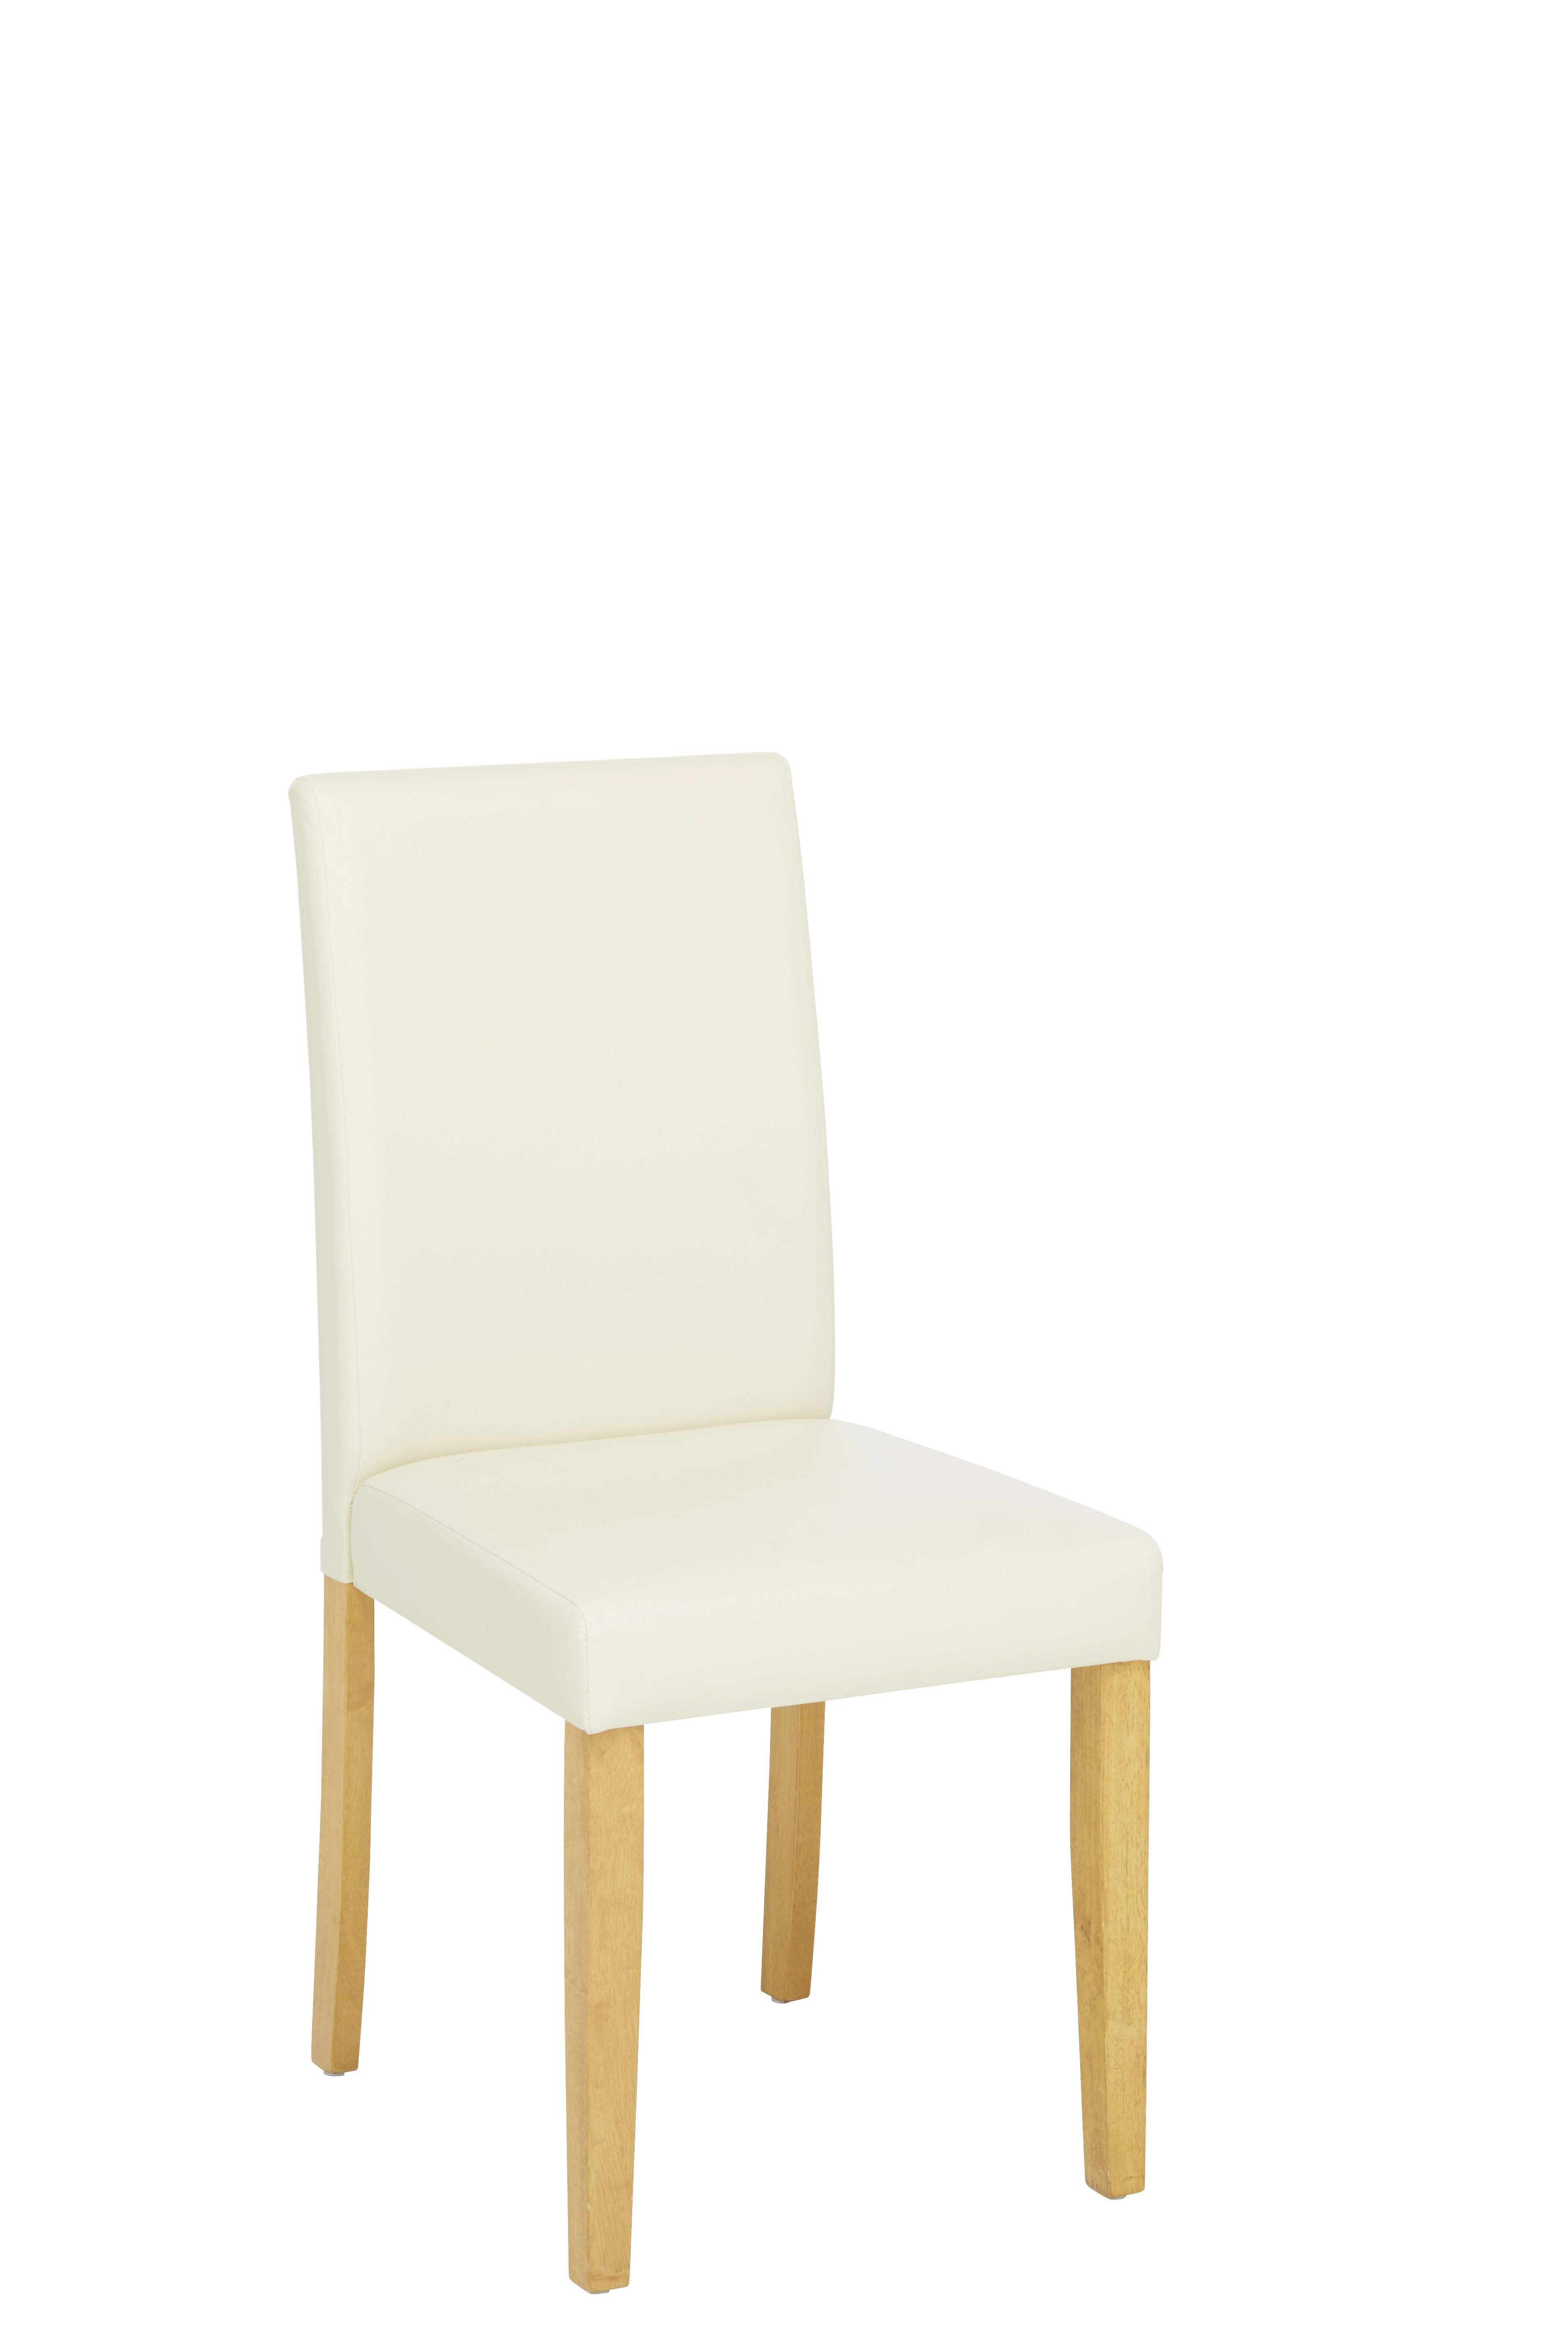 Stuhl zeichnung  Stuhl in Creme/Eiche aus Holz online kaufen ➤ mömax